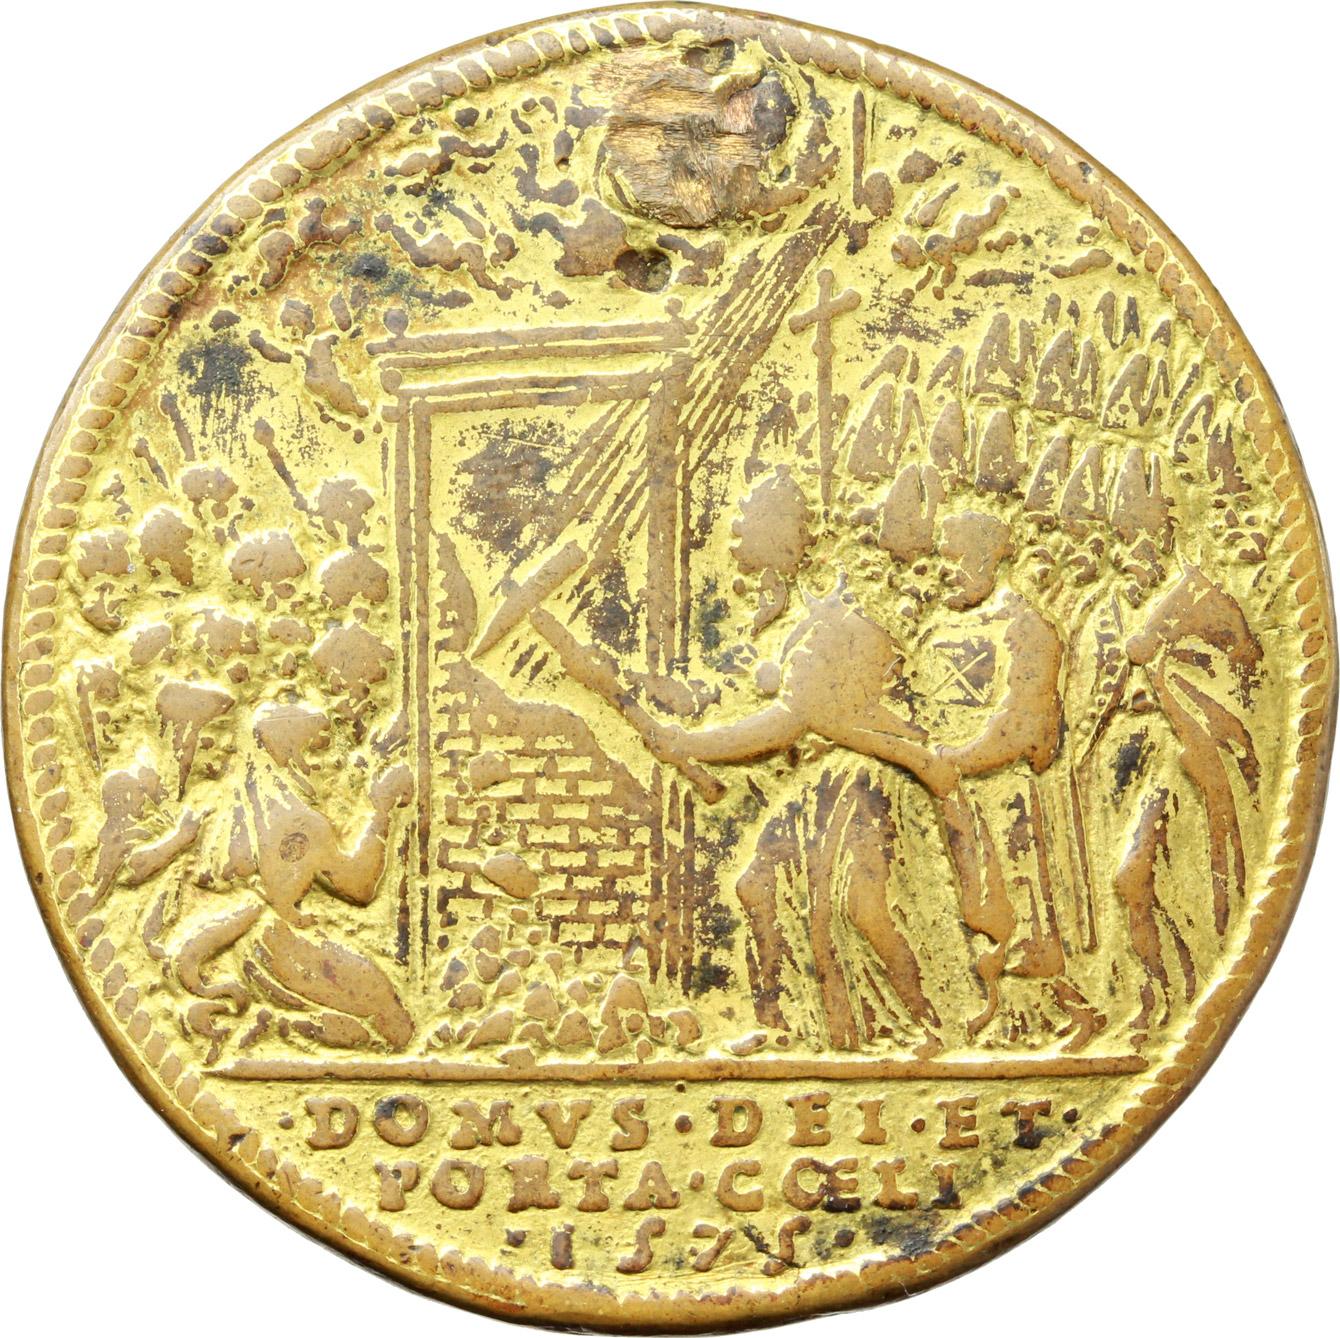 R/ Gregorio XIII (1572-1585), Ugo Boncompagni. Medaglia per l'Apertura della Porta Santa, 1575.    Mod. 710. Patr. p. 56. Armand I/227/39. AE dorato.   mm. 36.50 Inc. G. Bonzagni. R. Foro otturato. MB.